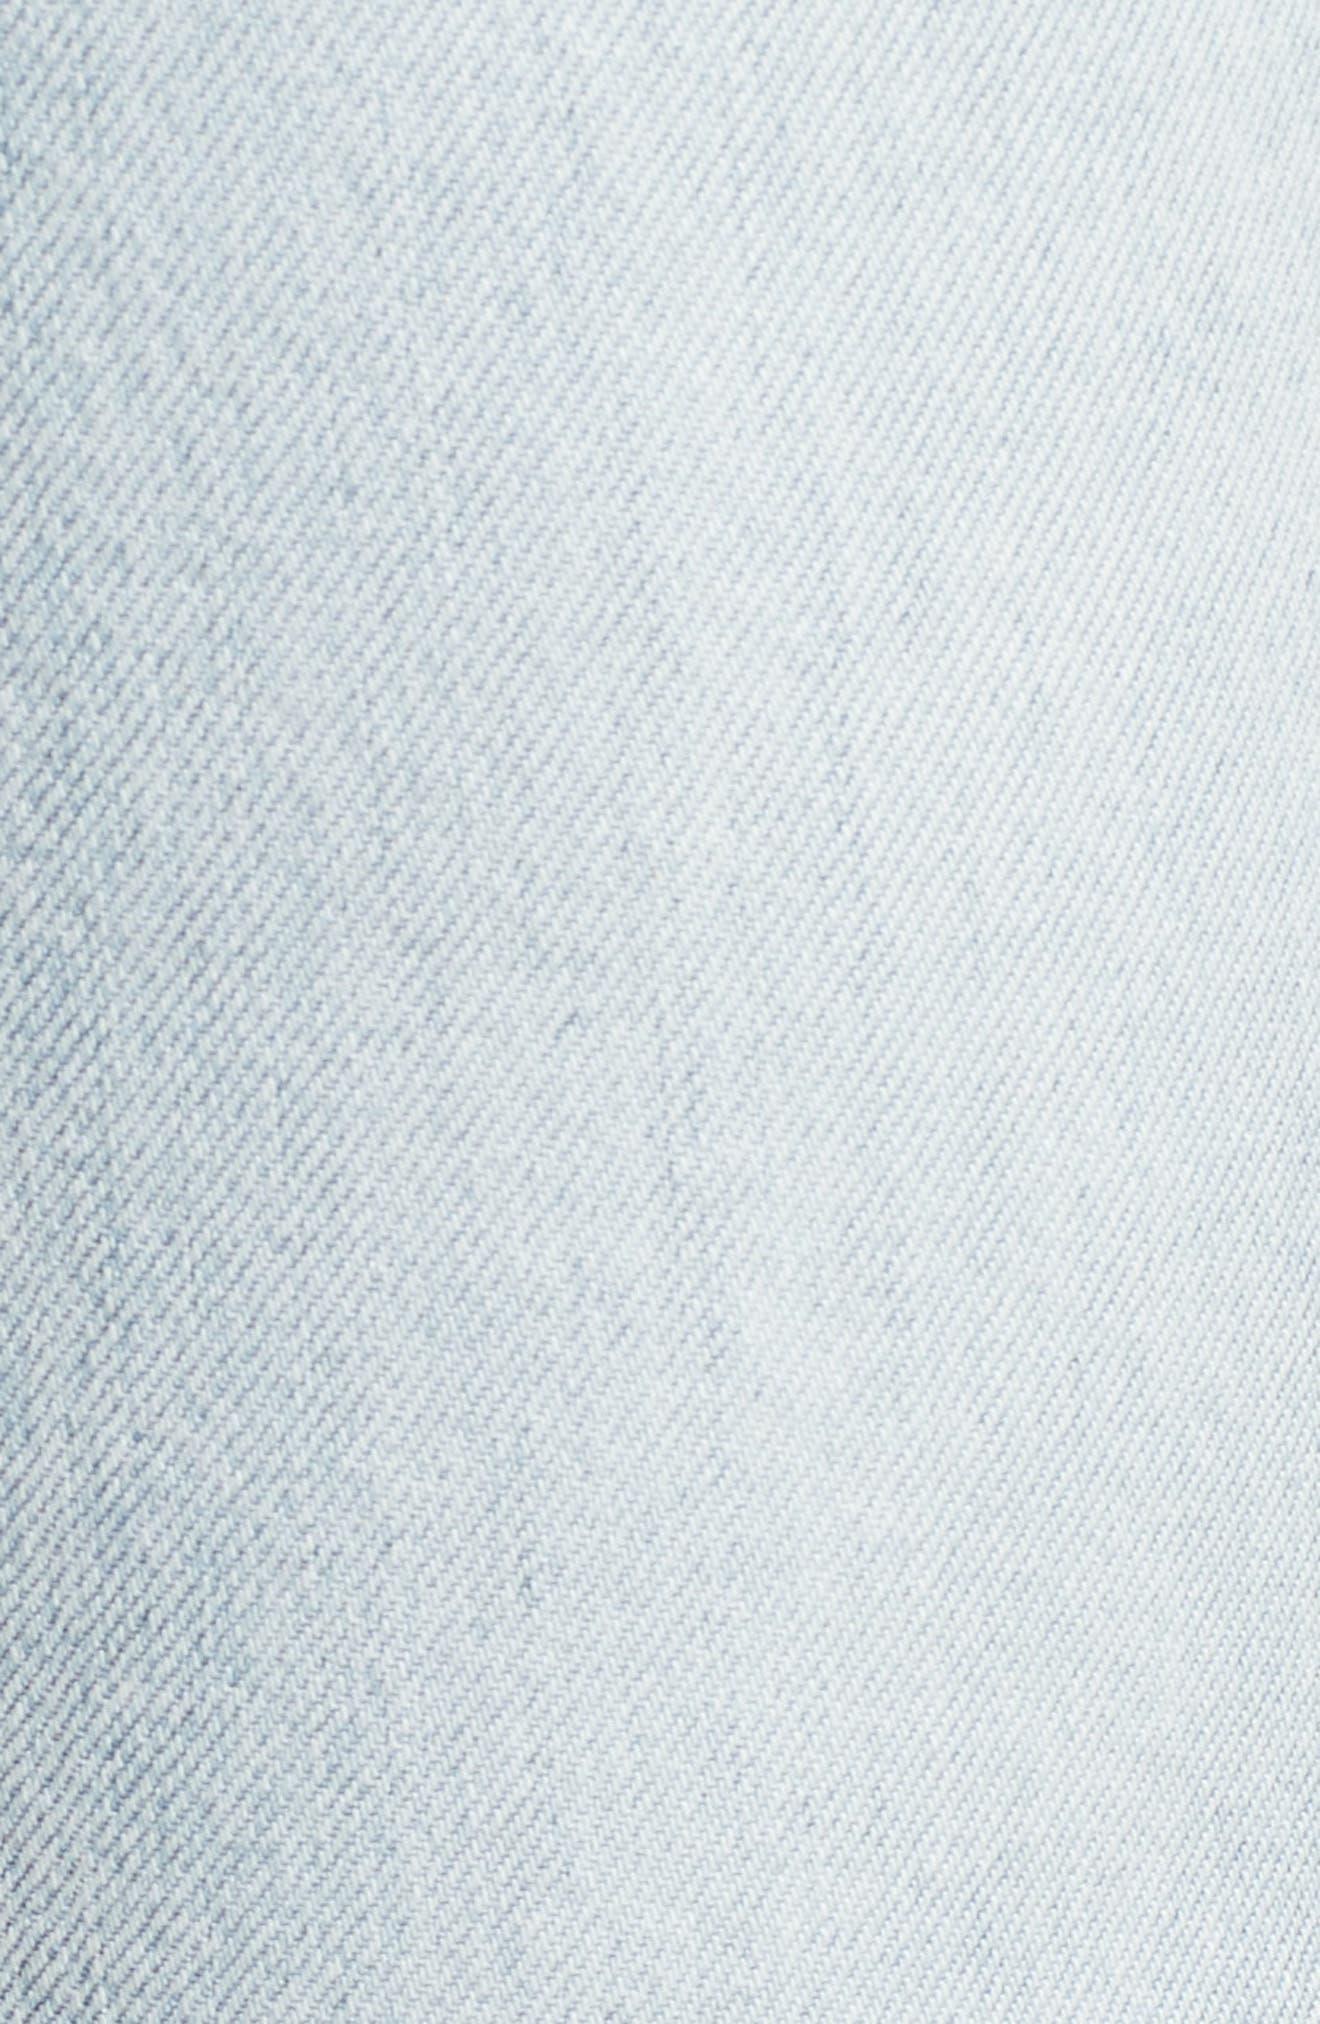 Jeans Jodi Crop Jeans,                             Alternate thumbnail 6, color,                             Bering Wave